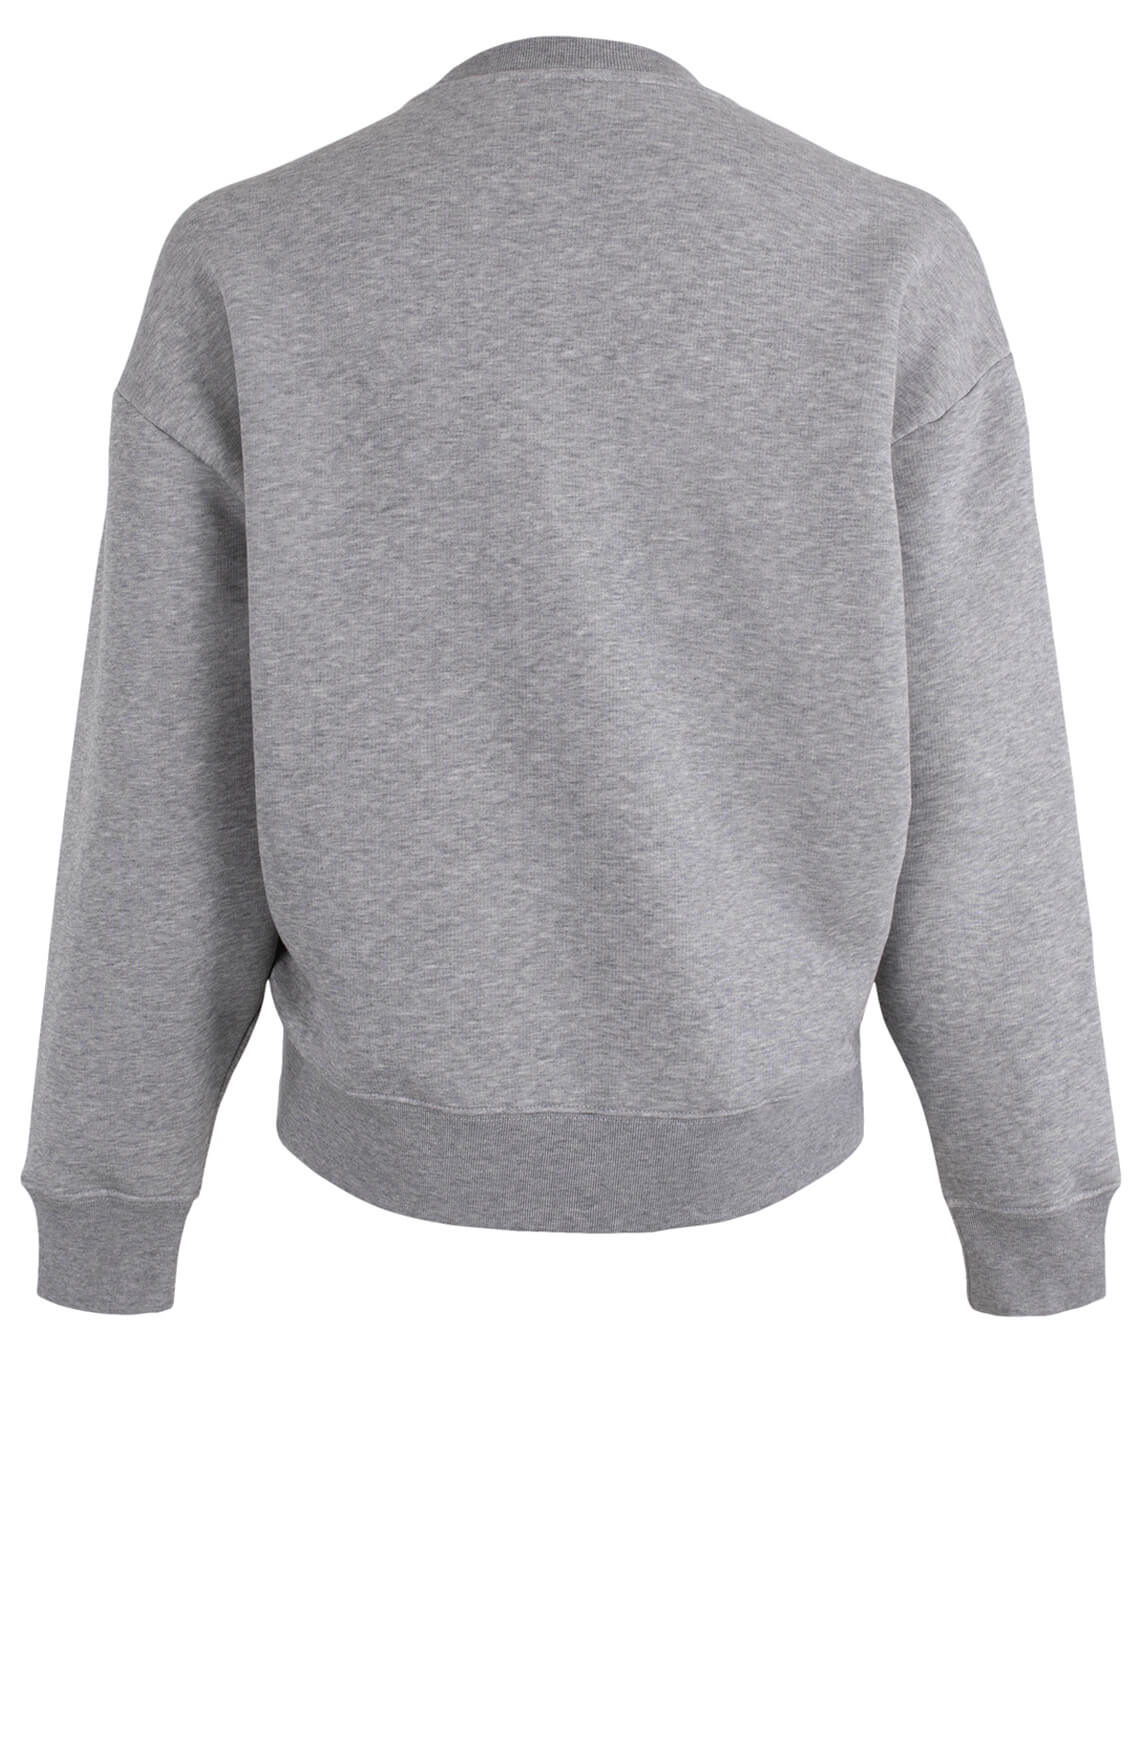 Closed Dames Sweater met tekst Grijs